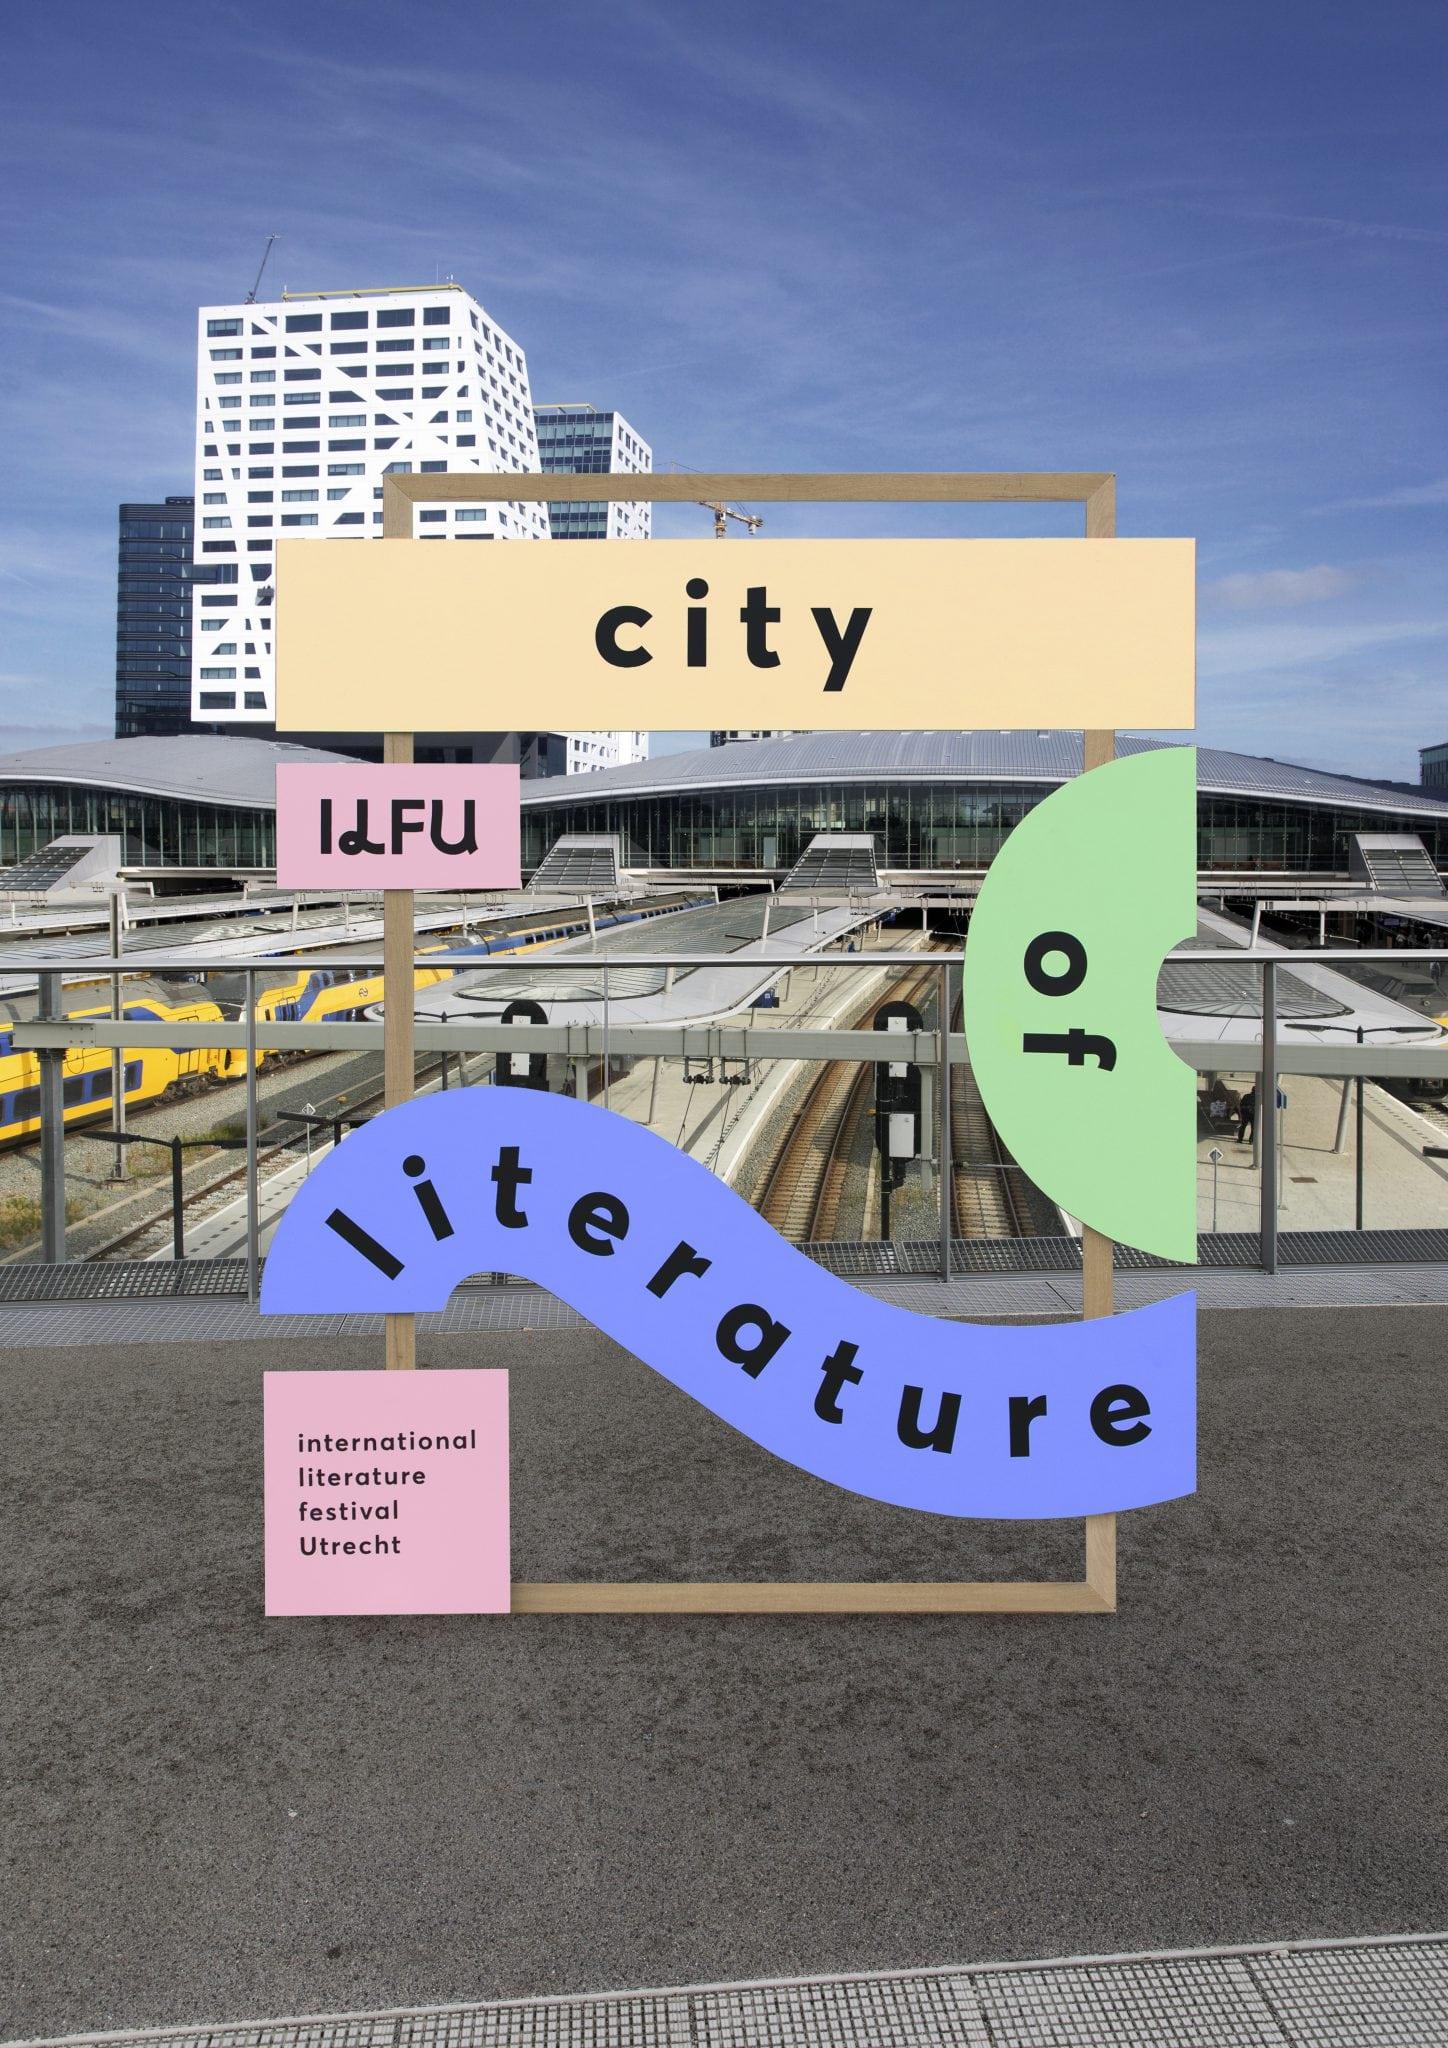 ILFU-Fietsbrug-Alt